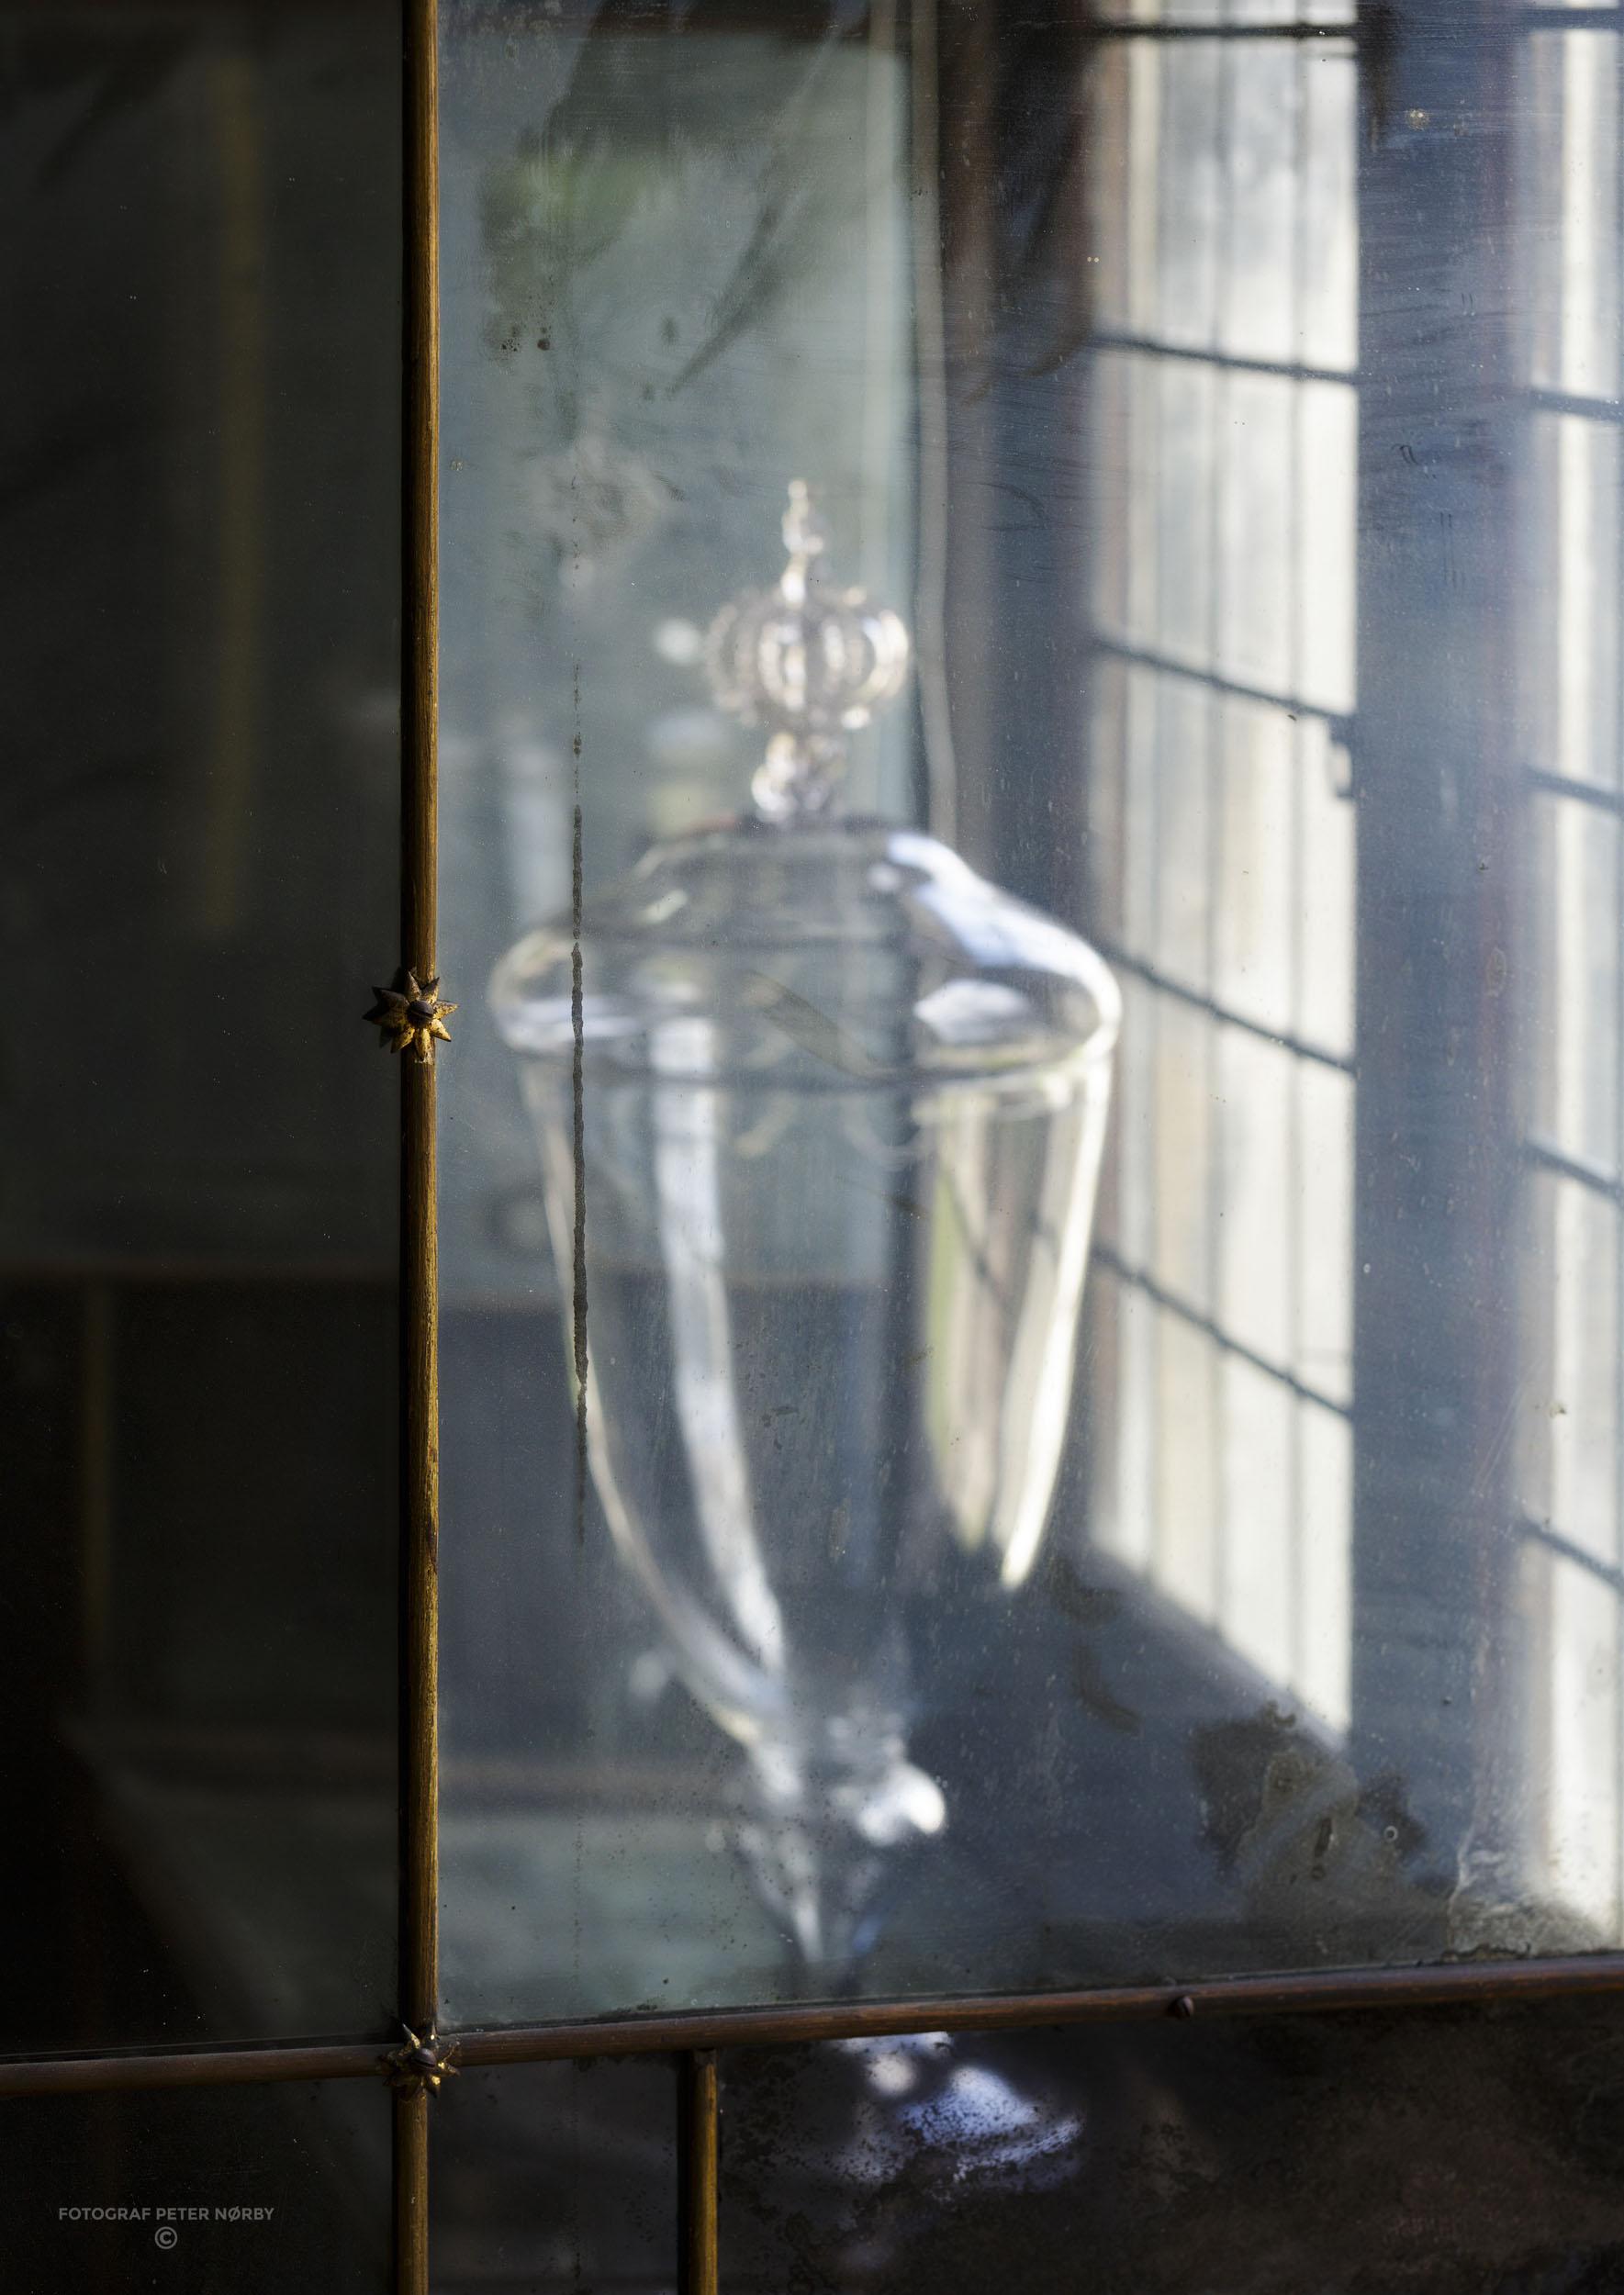 Rosenborg_Room13a__08.jpg